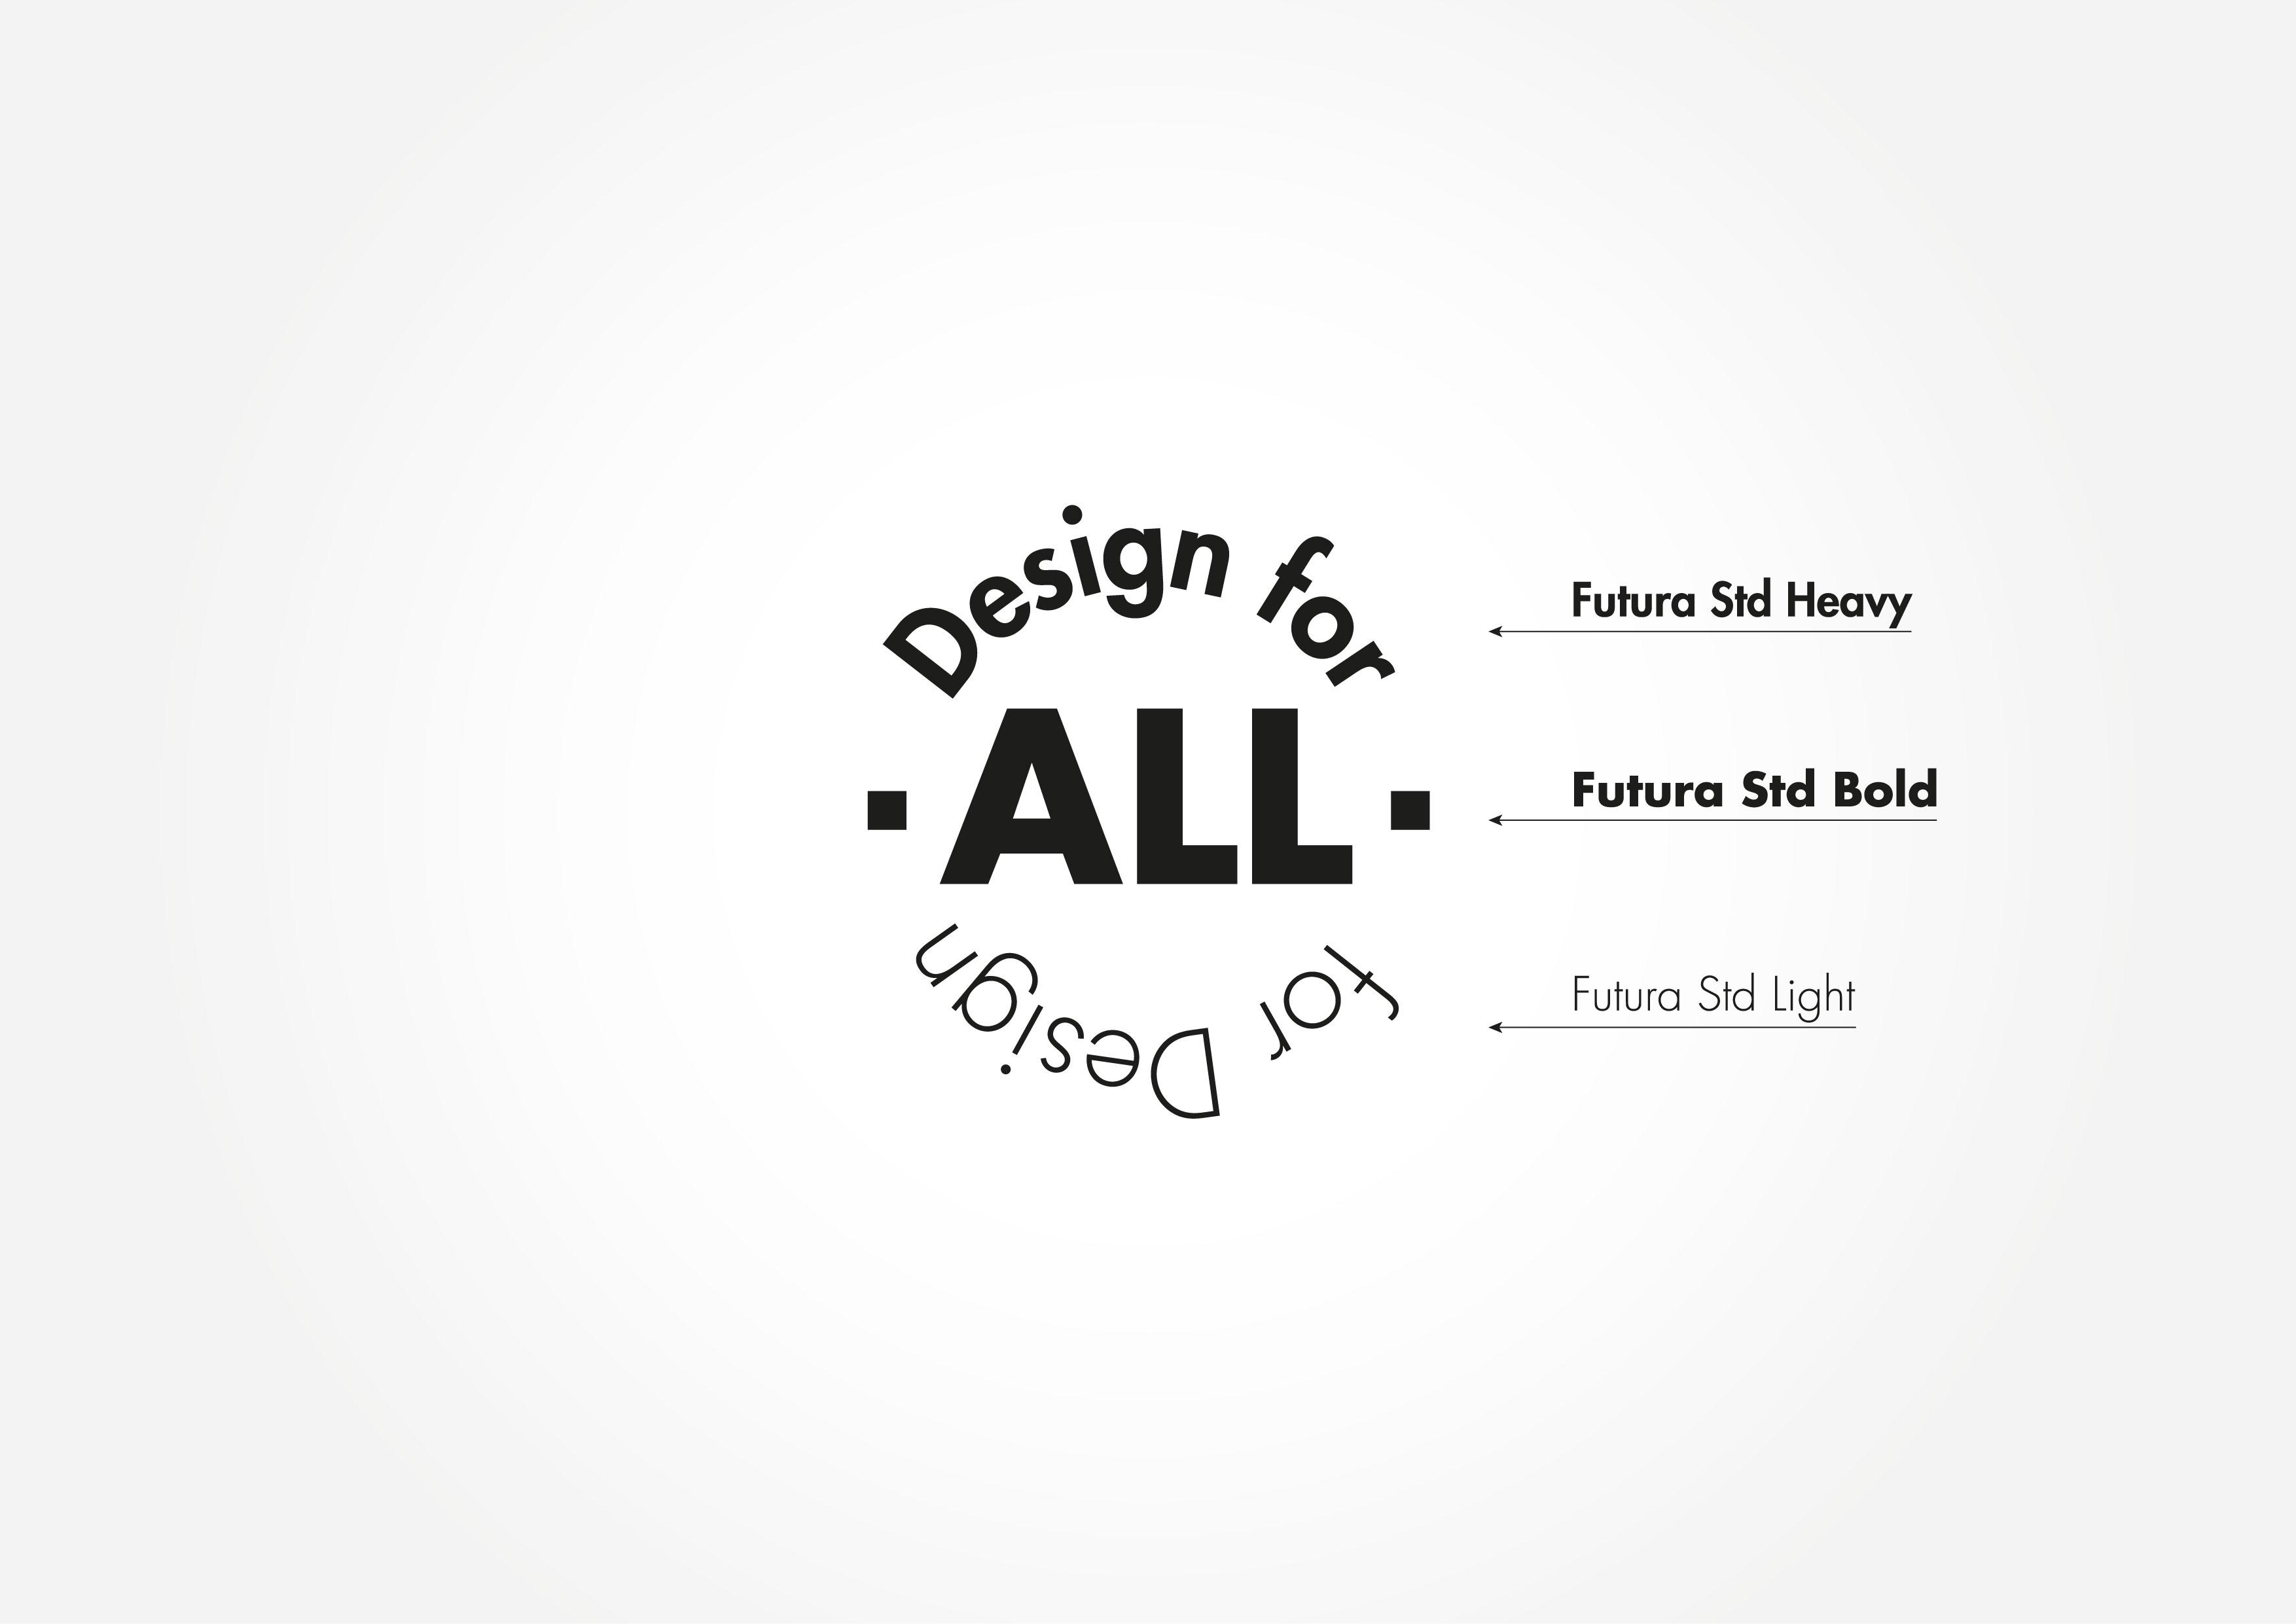 Design for All for Design - font